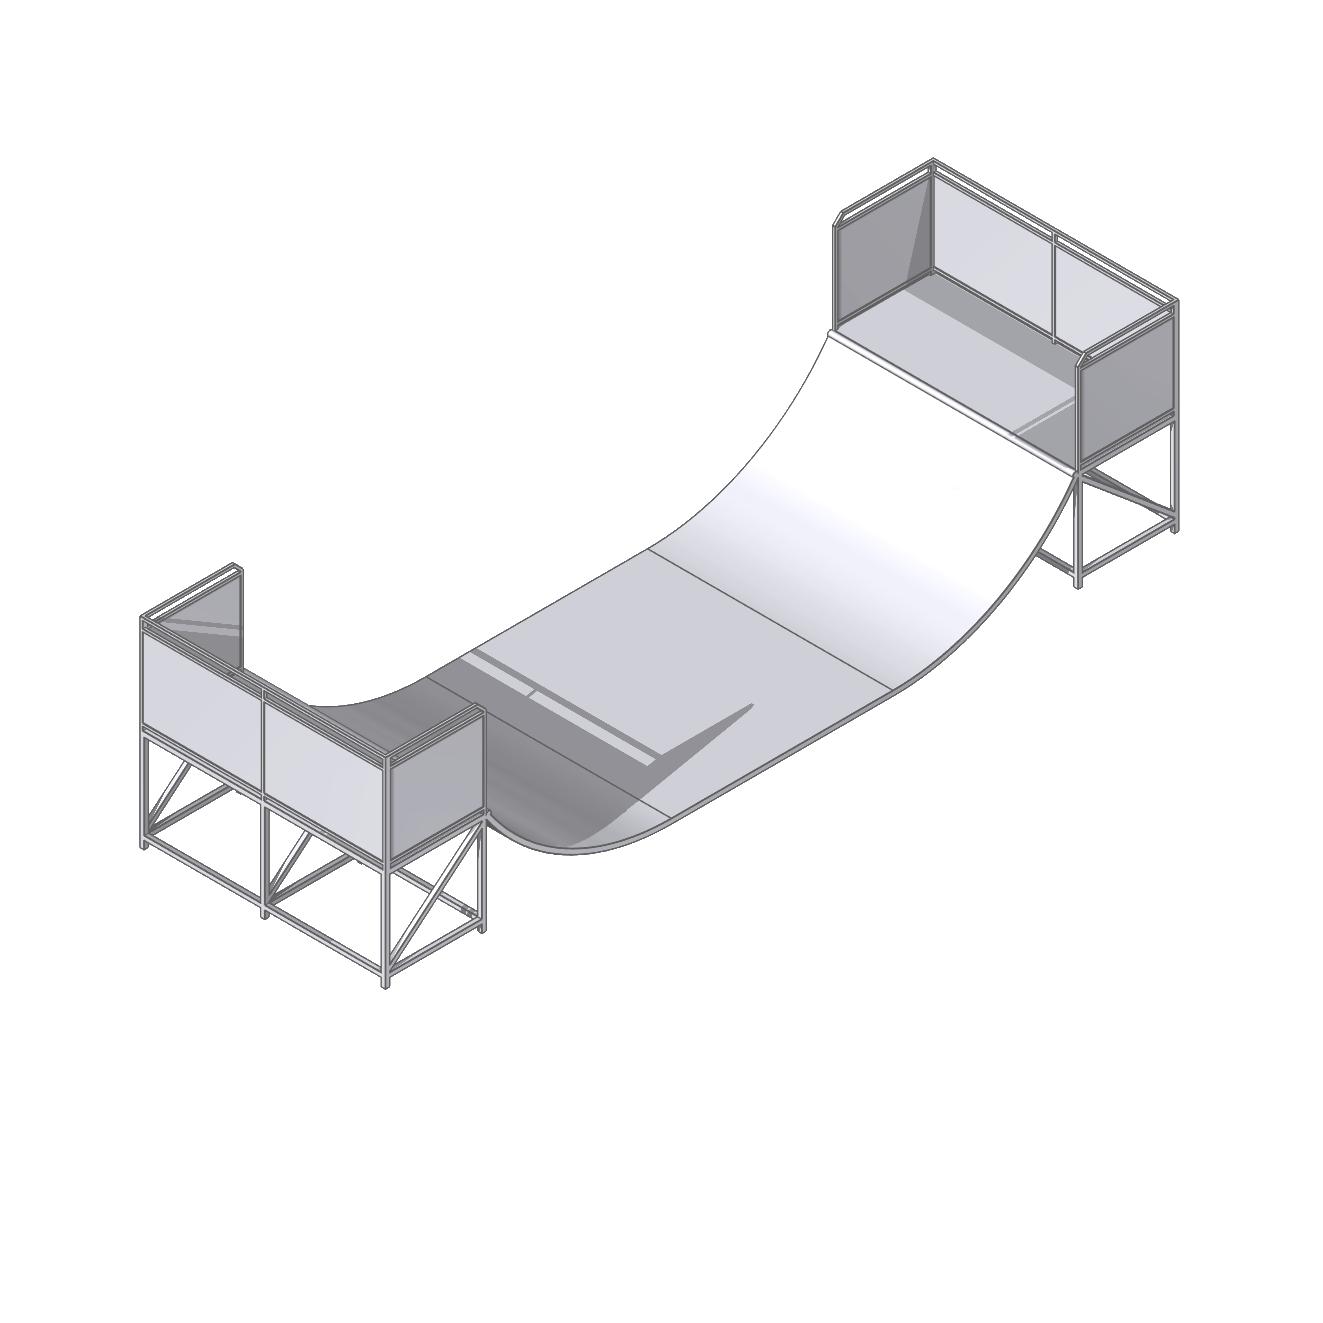 plans fabriquer rampe de skate